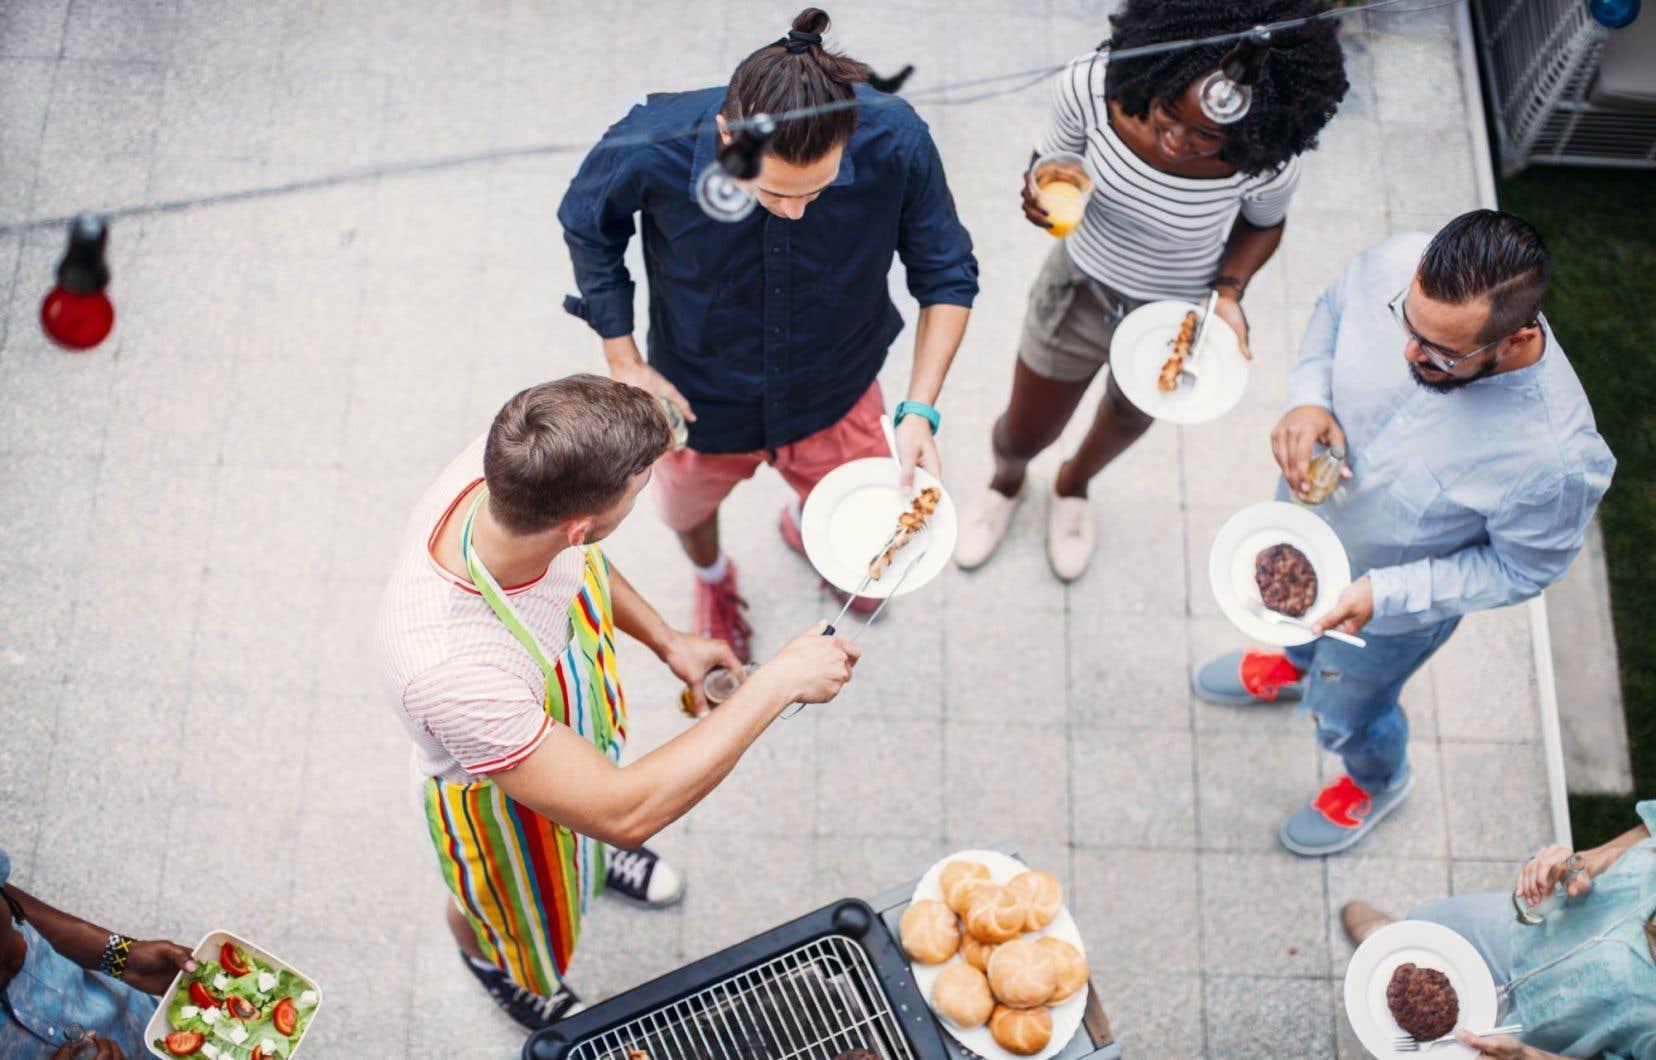 L'une des recettes pour réussir un party est simple : de la bière, des hot-dogs ou des burgers, et surtout de la musique et de la bonne humeur.